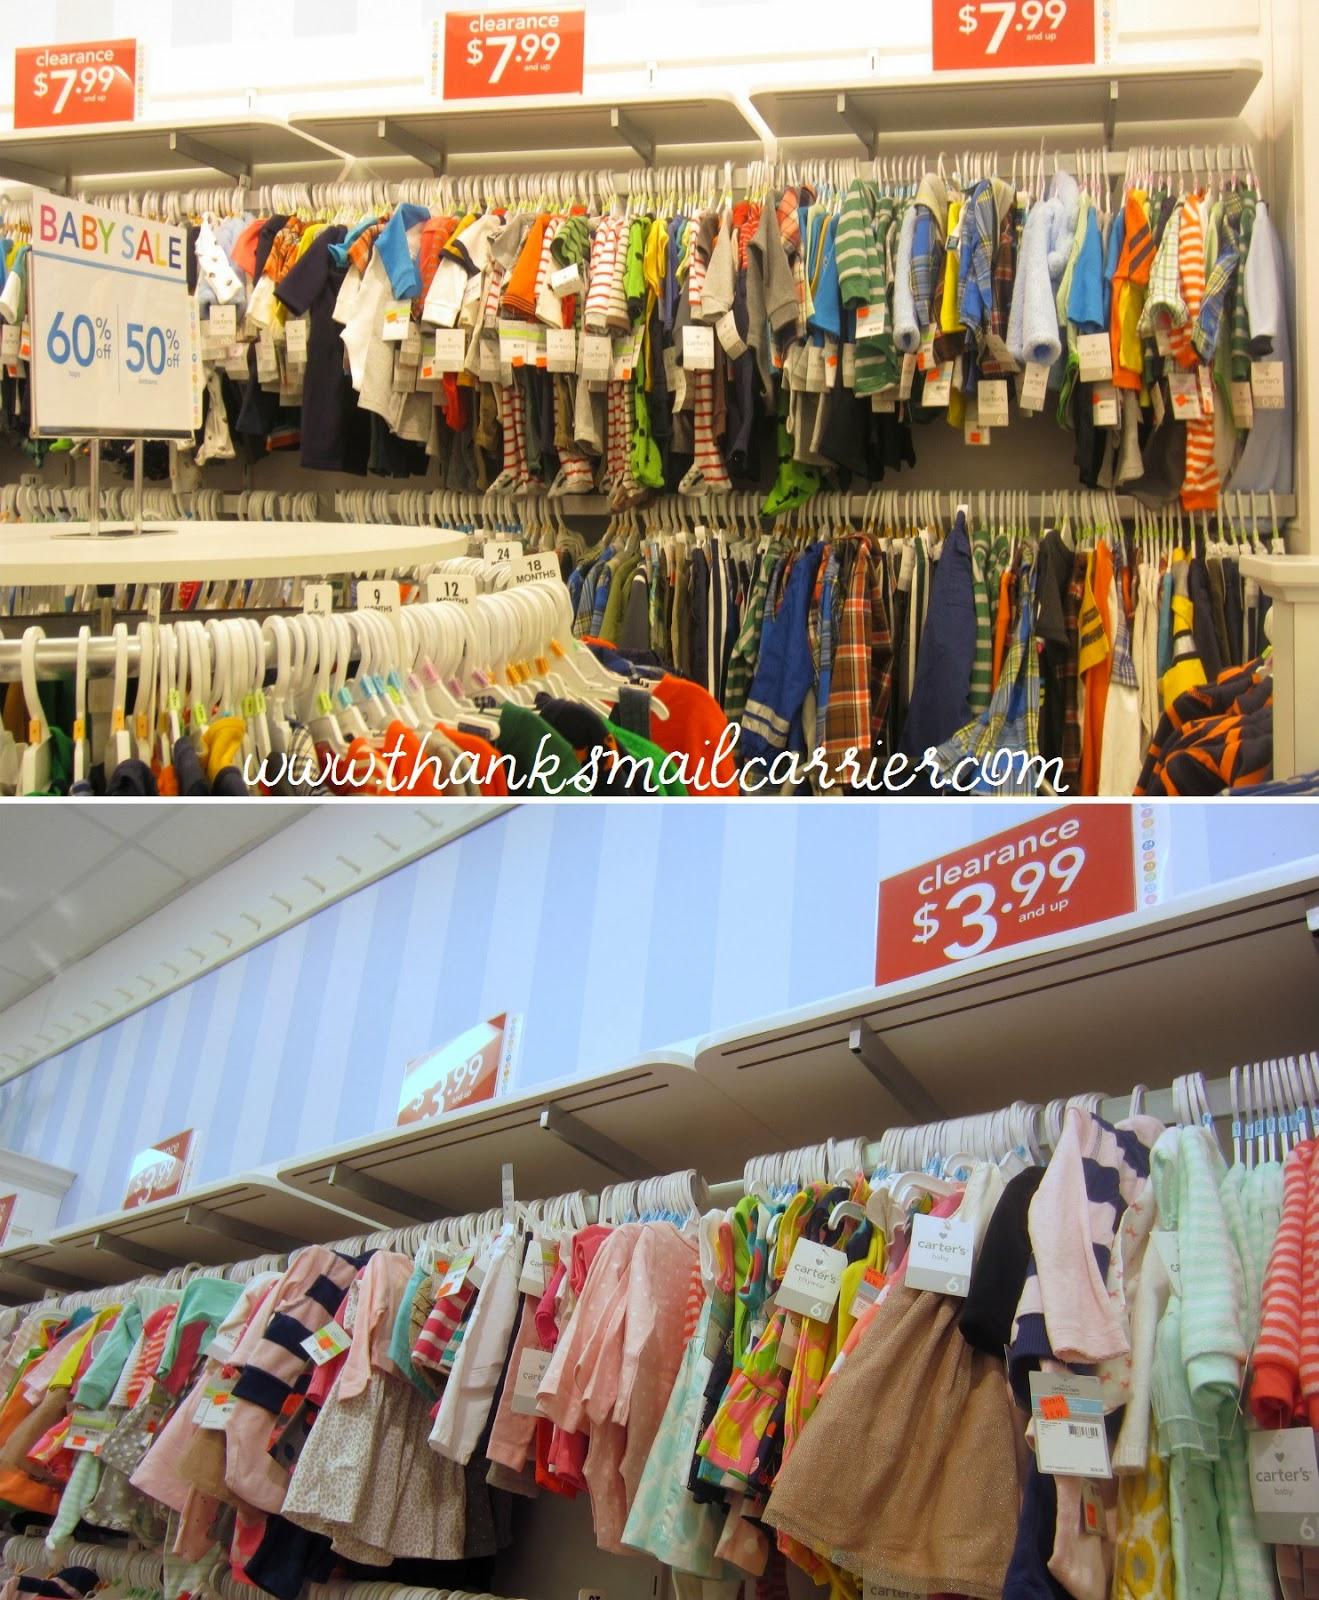 Carter's sale